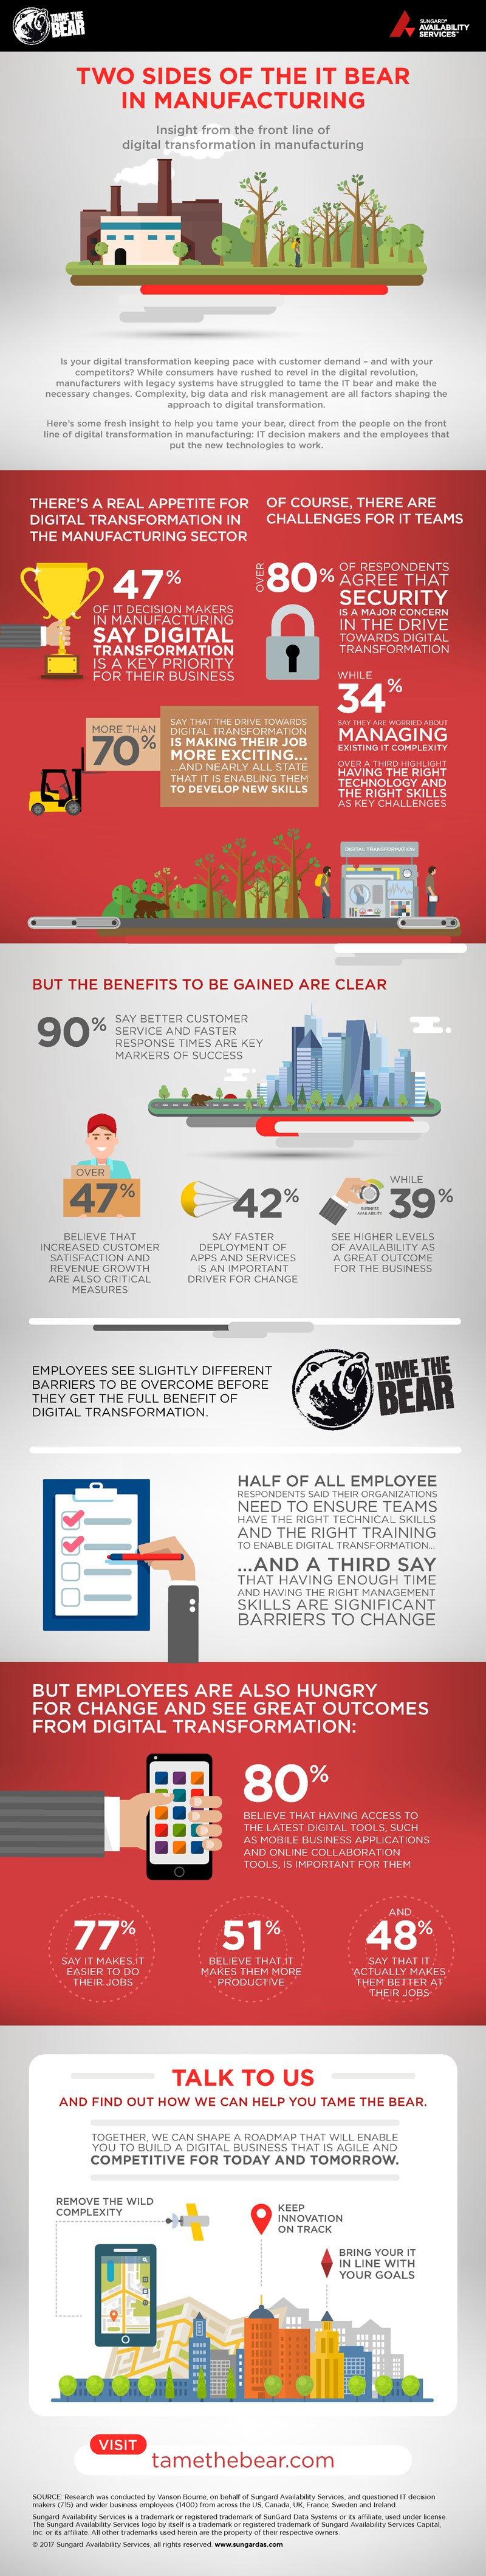 blog-ttb-mfg-infographic-800.jpg